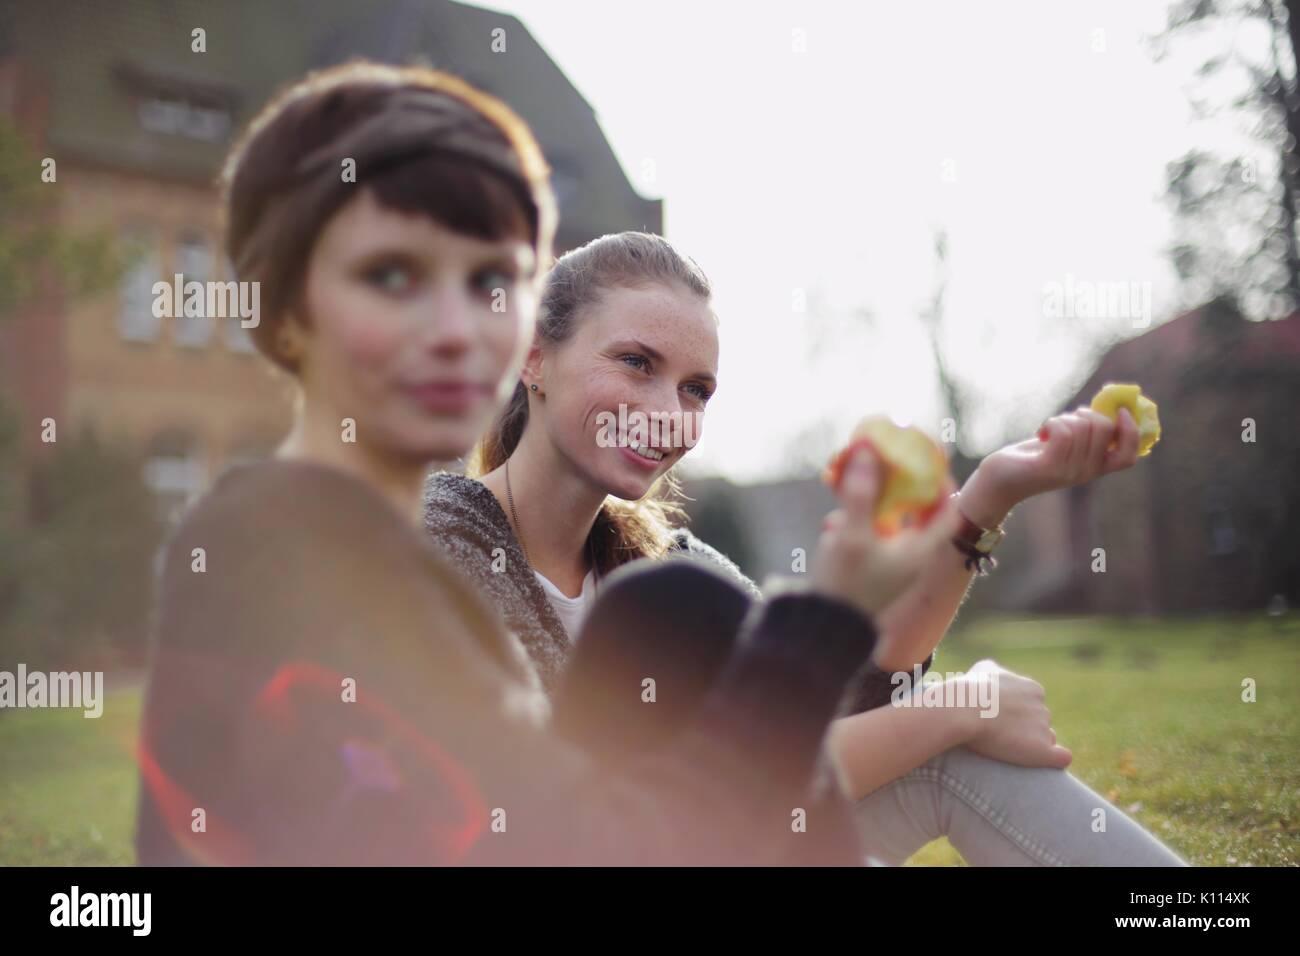 Zwei junge Frauen, die einen Apfel essen Stockfoto